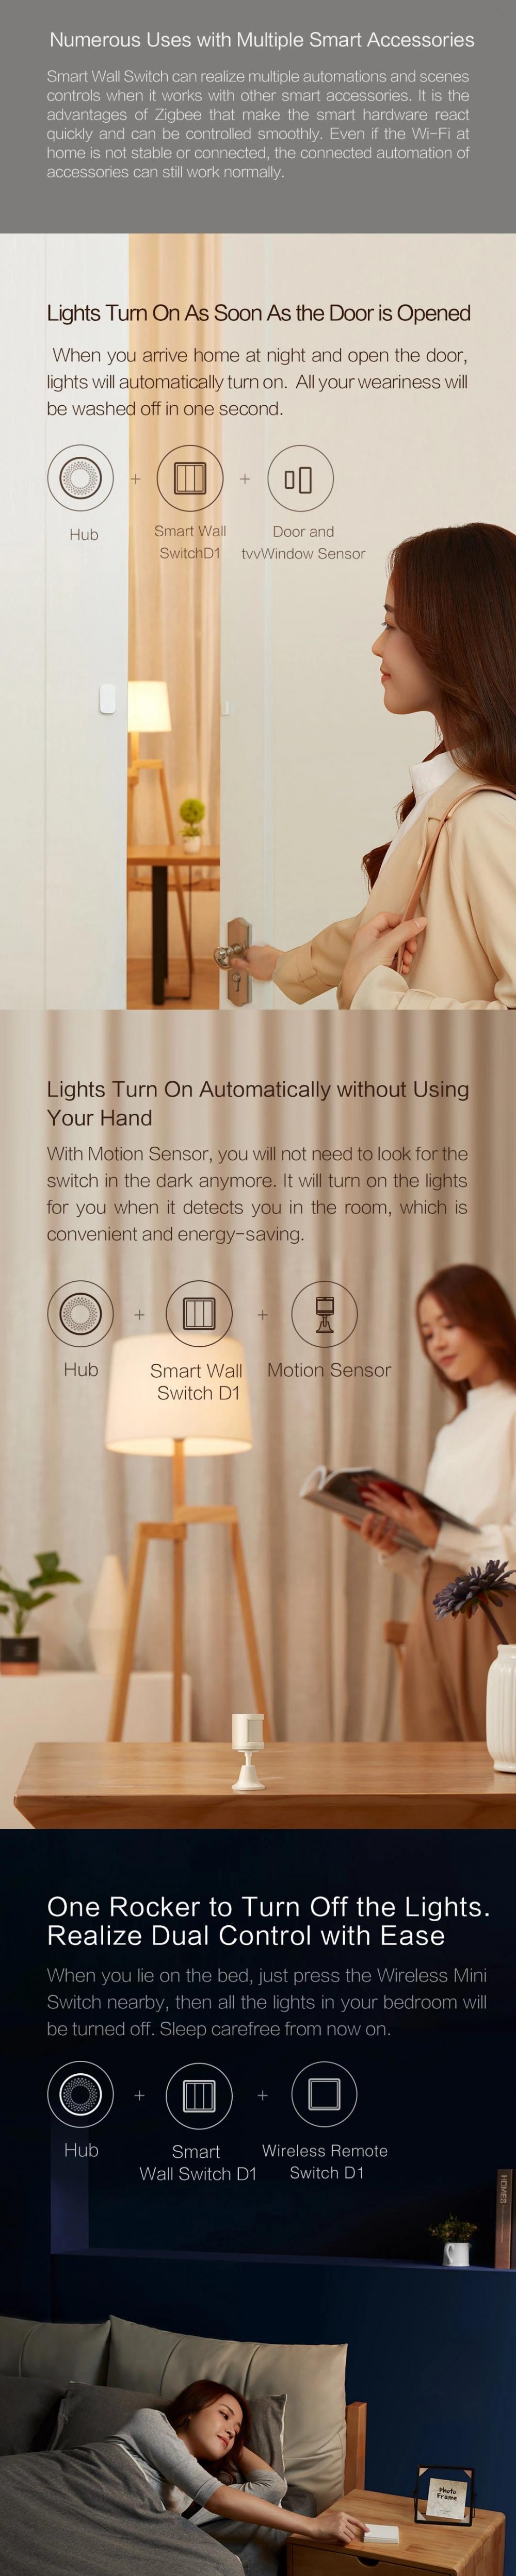 Aqara D1 Smart Wall Switch